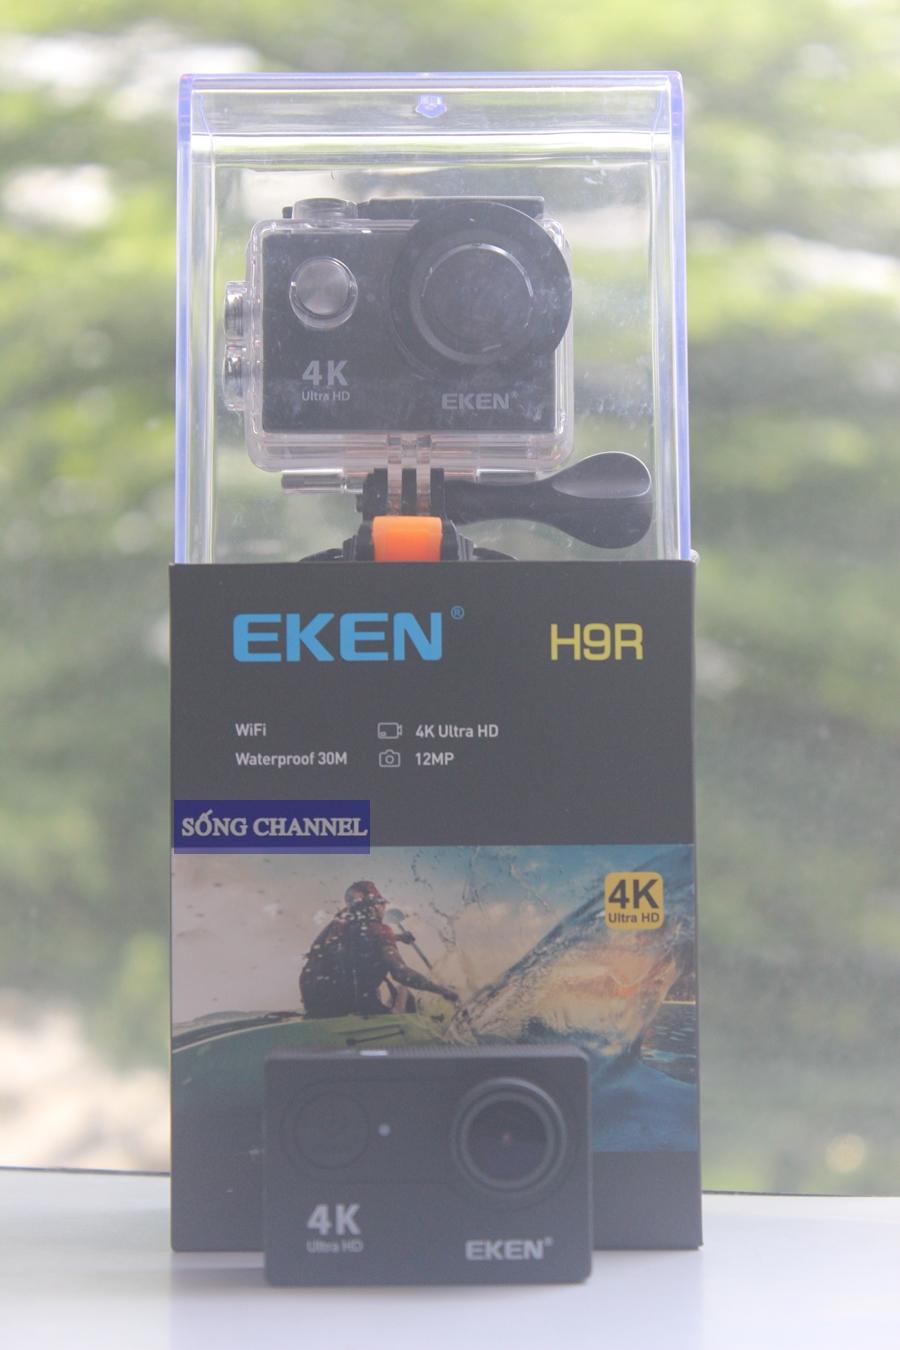 EKEN H9R FULL BOX